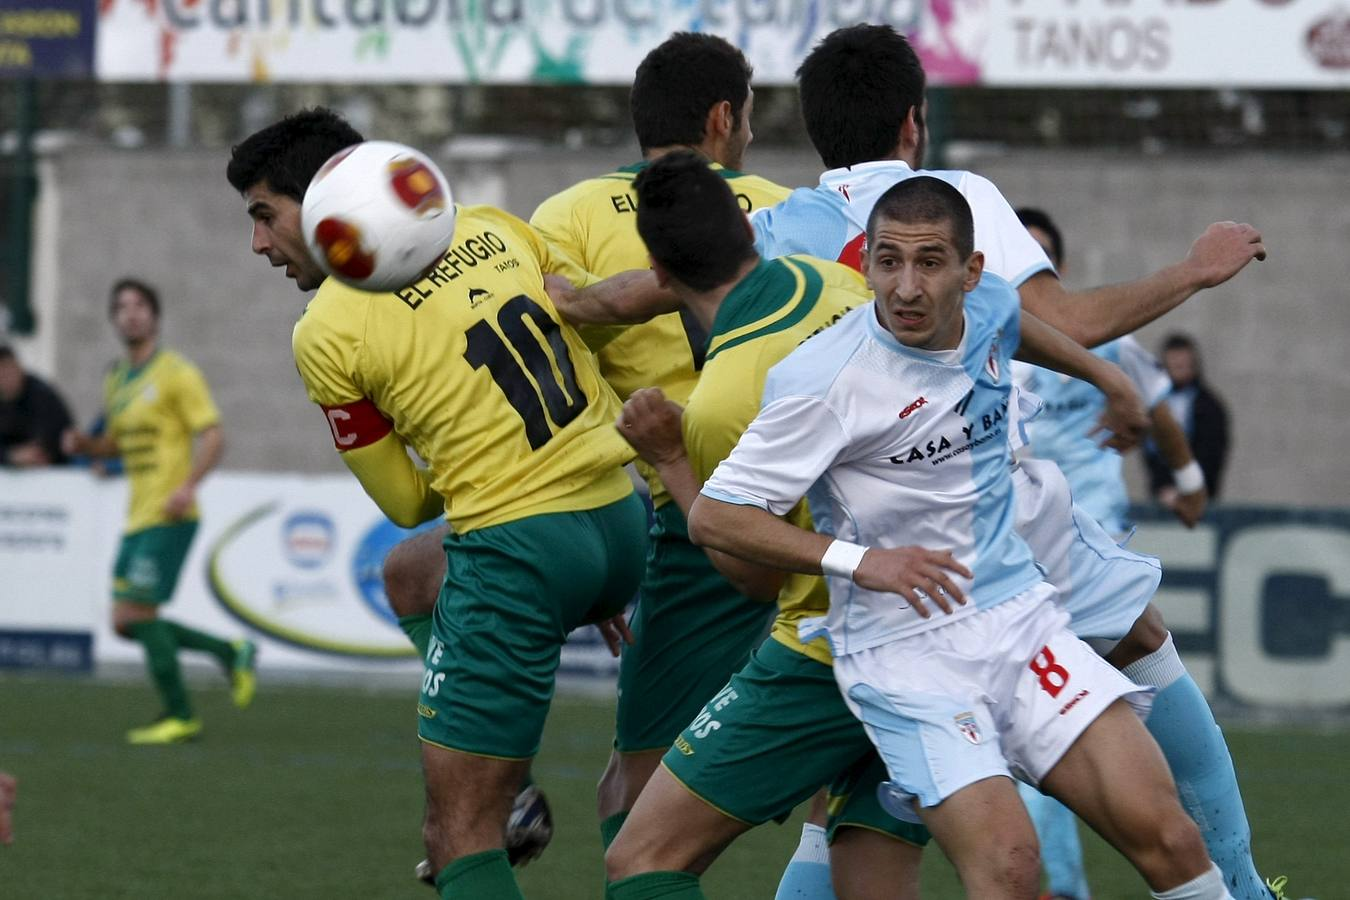 Tropezón 4 - Compostela 3